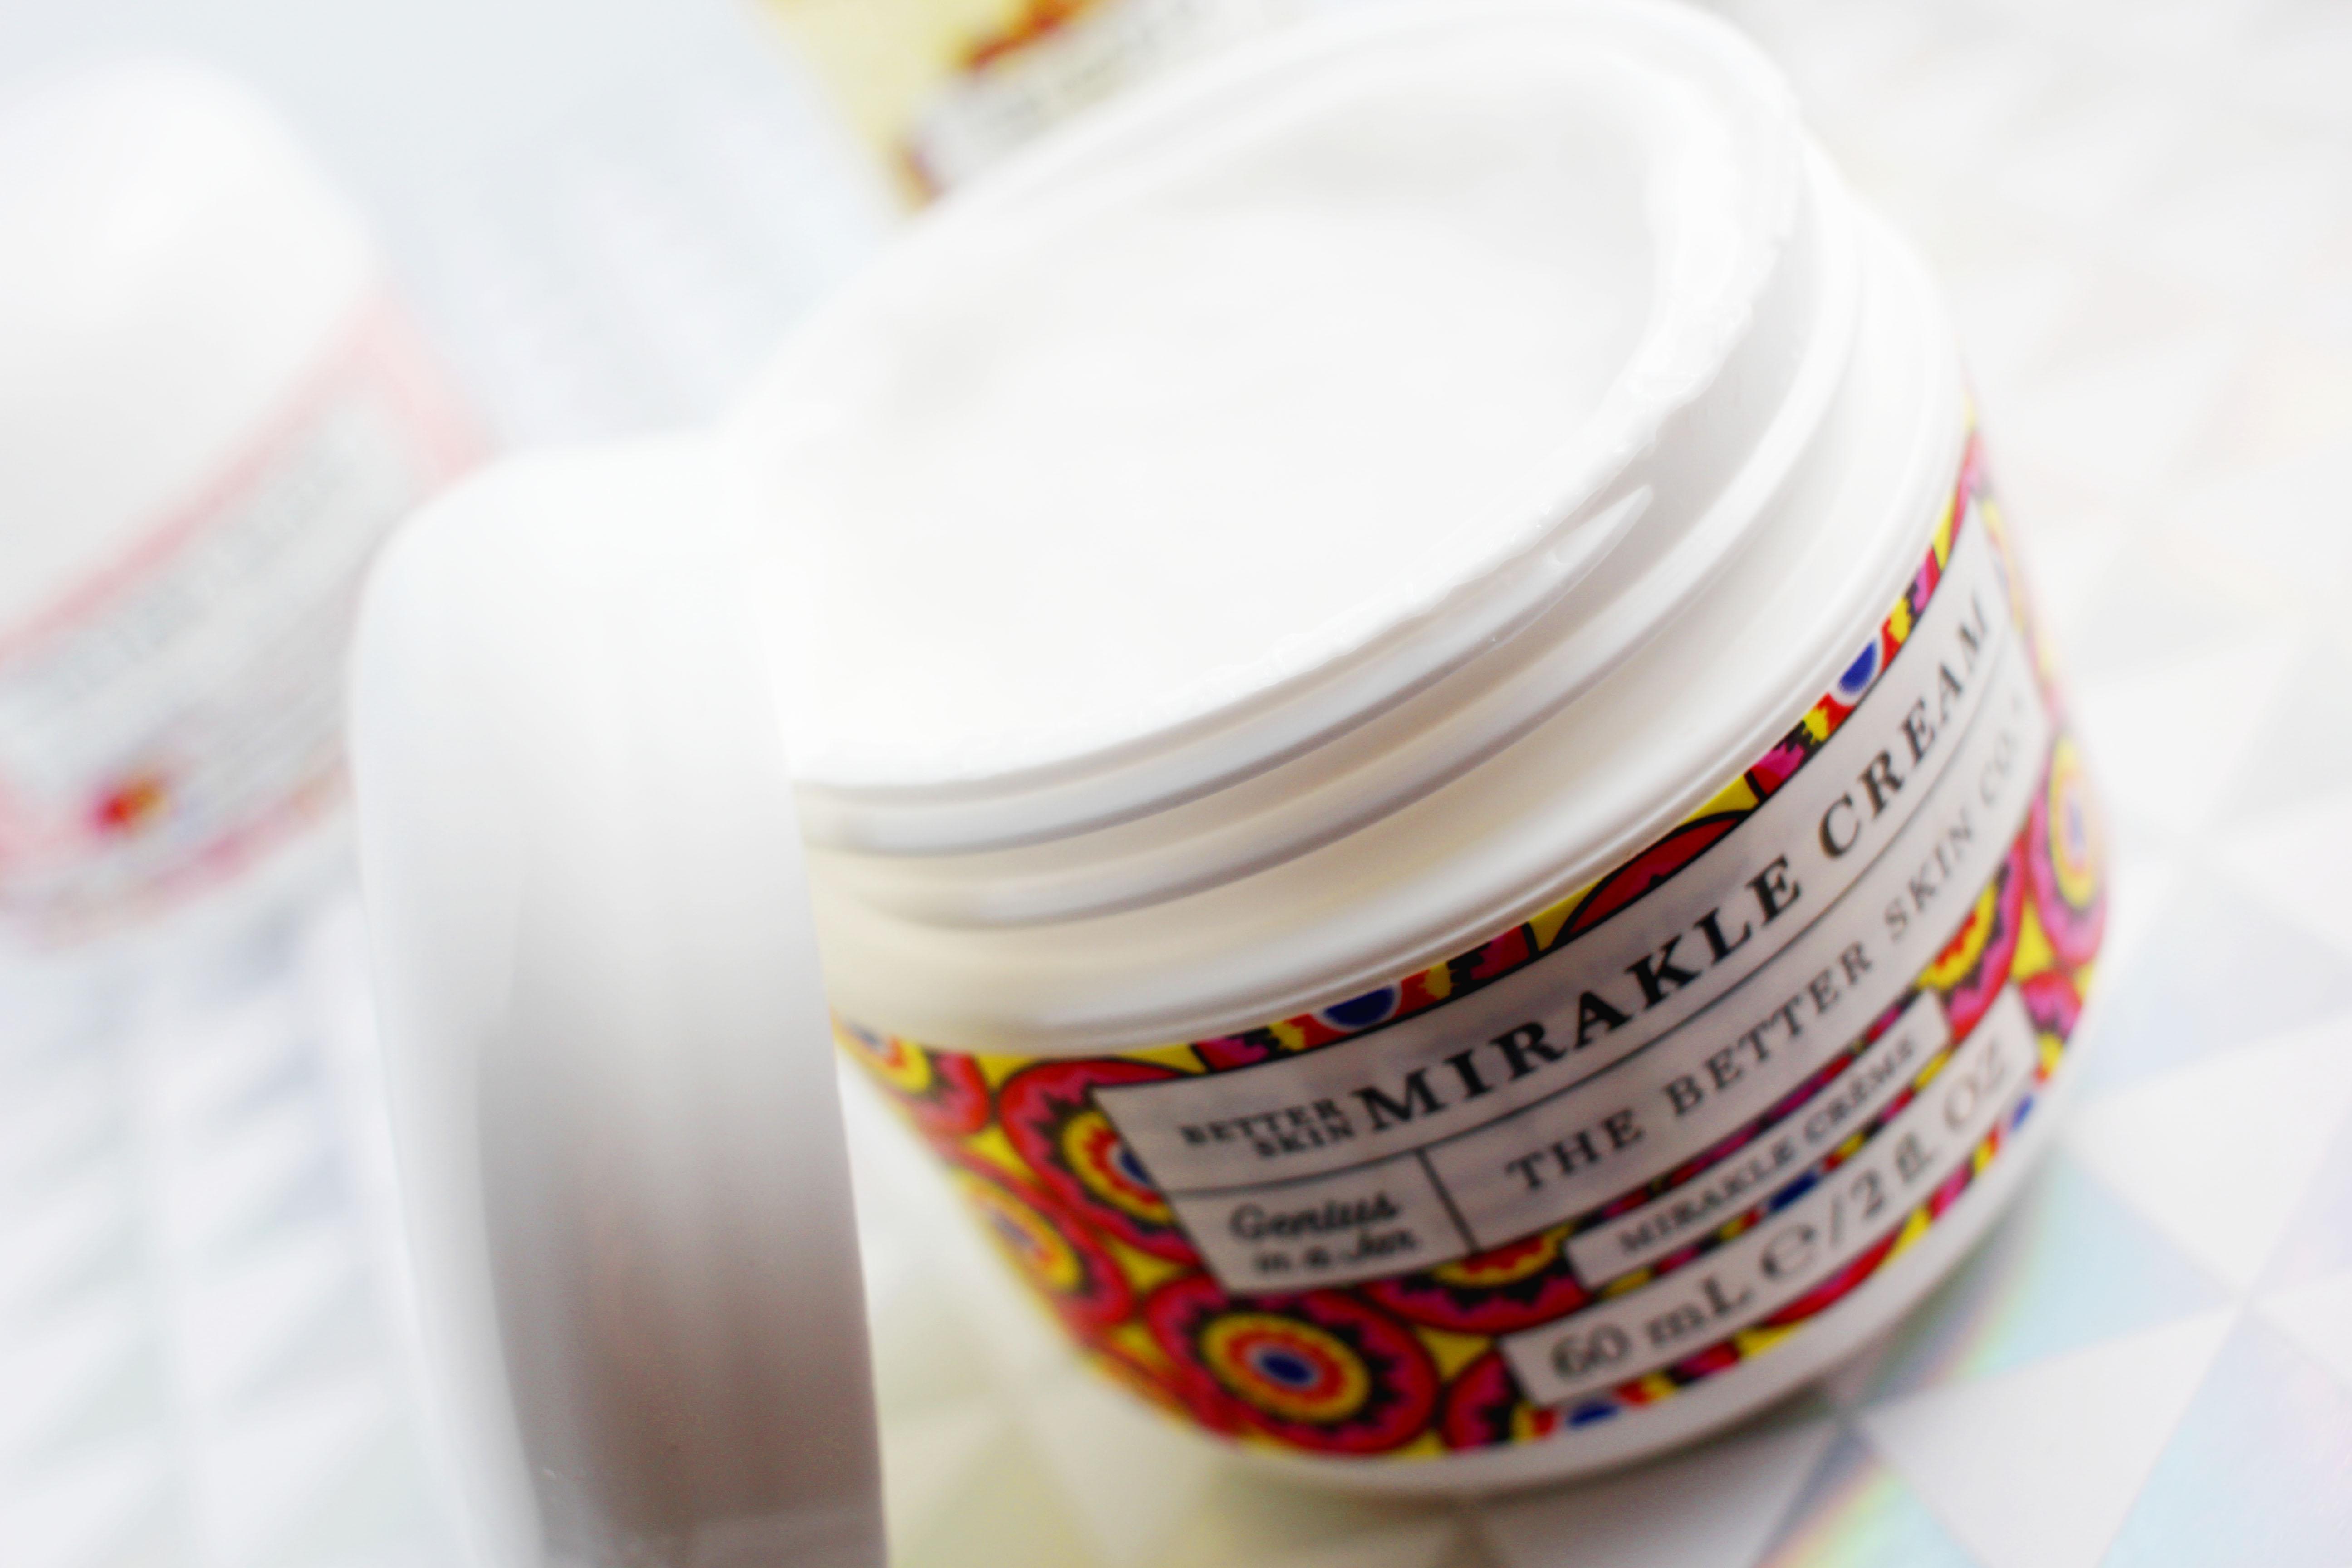 Mirakle Cream Genius in a Jar